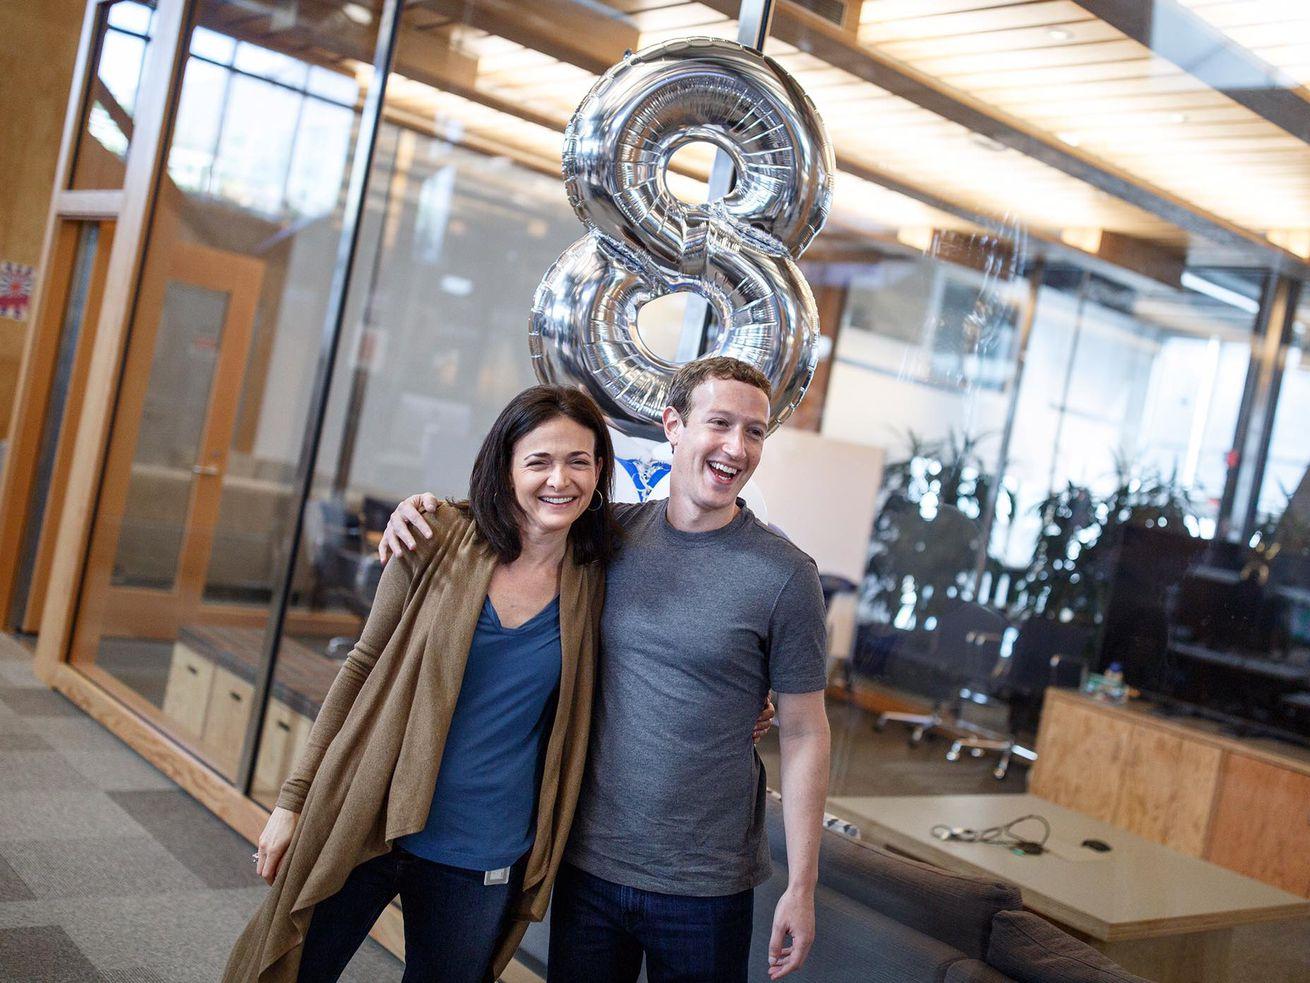 Facebook首席运营官谢丽尔·桑德伯格与首席执行官马克·扎克伯格共度八周年。。